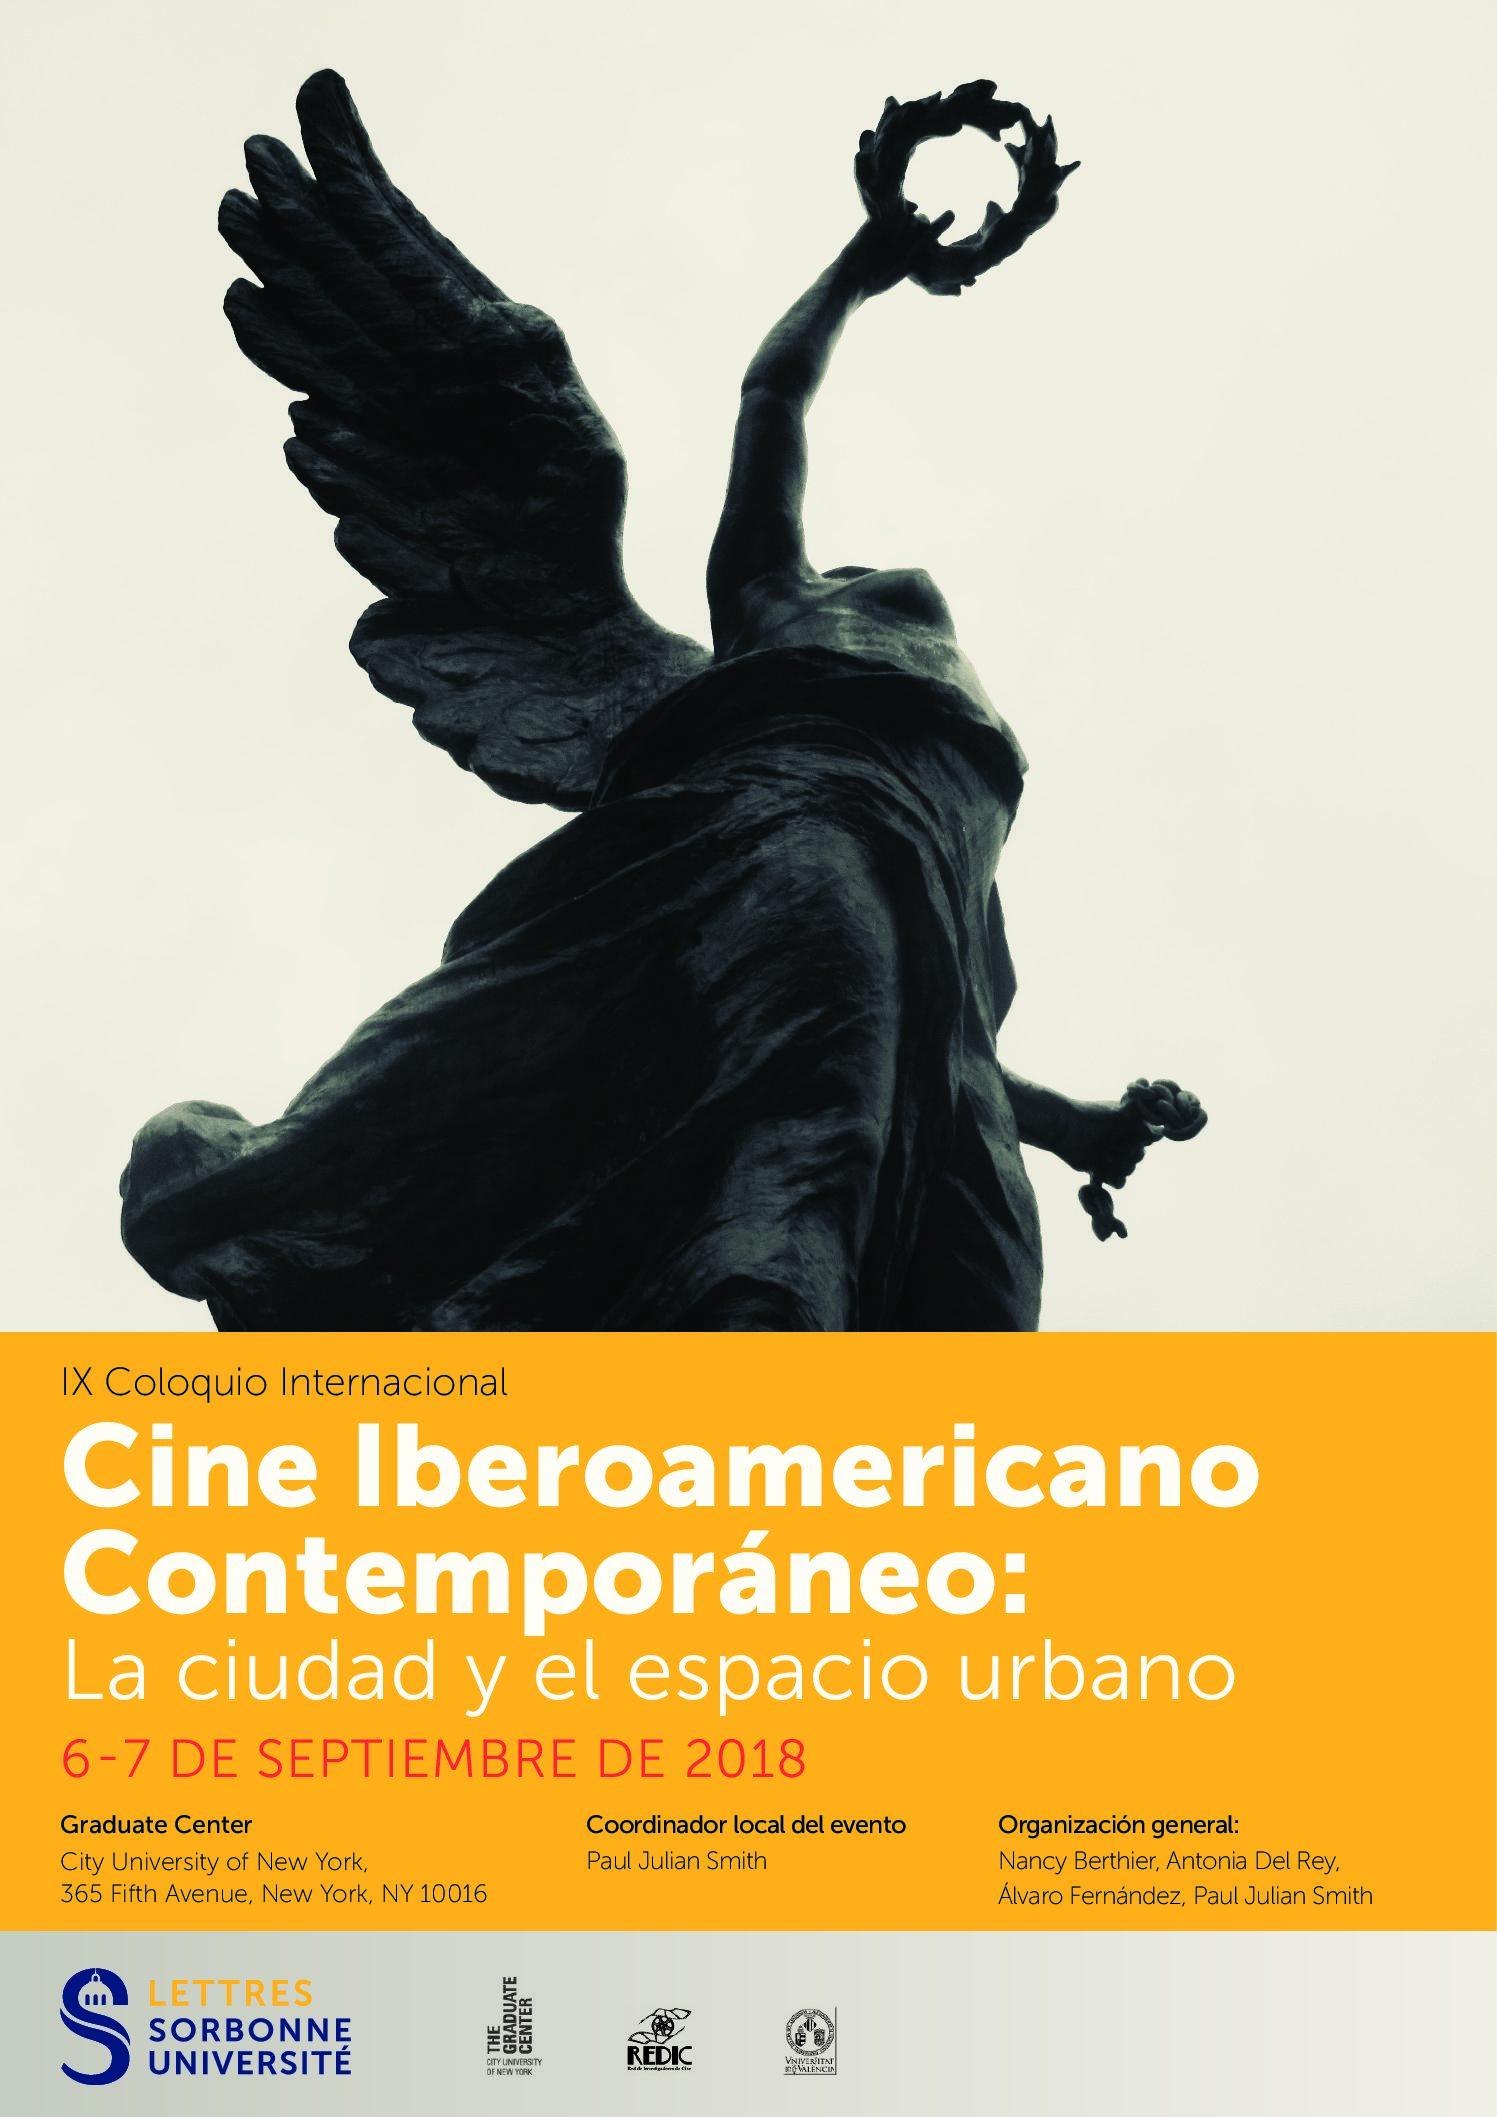 IX Coloquio internacional Cine iberoamericano contemporáneo: la ciudad y el espacio urbano